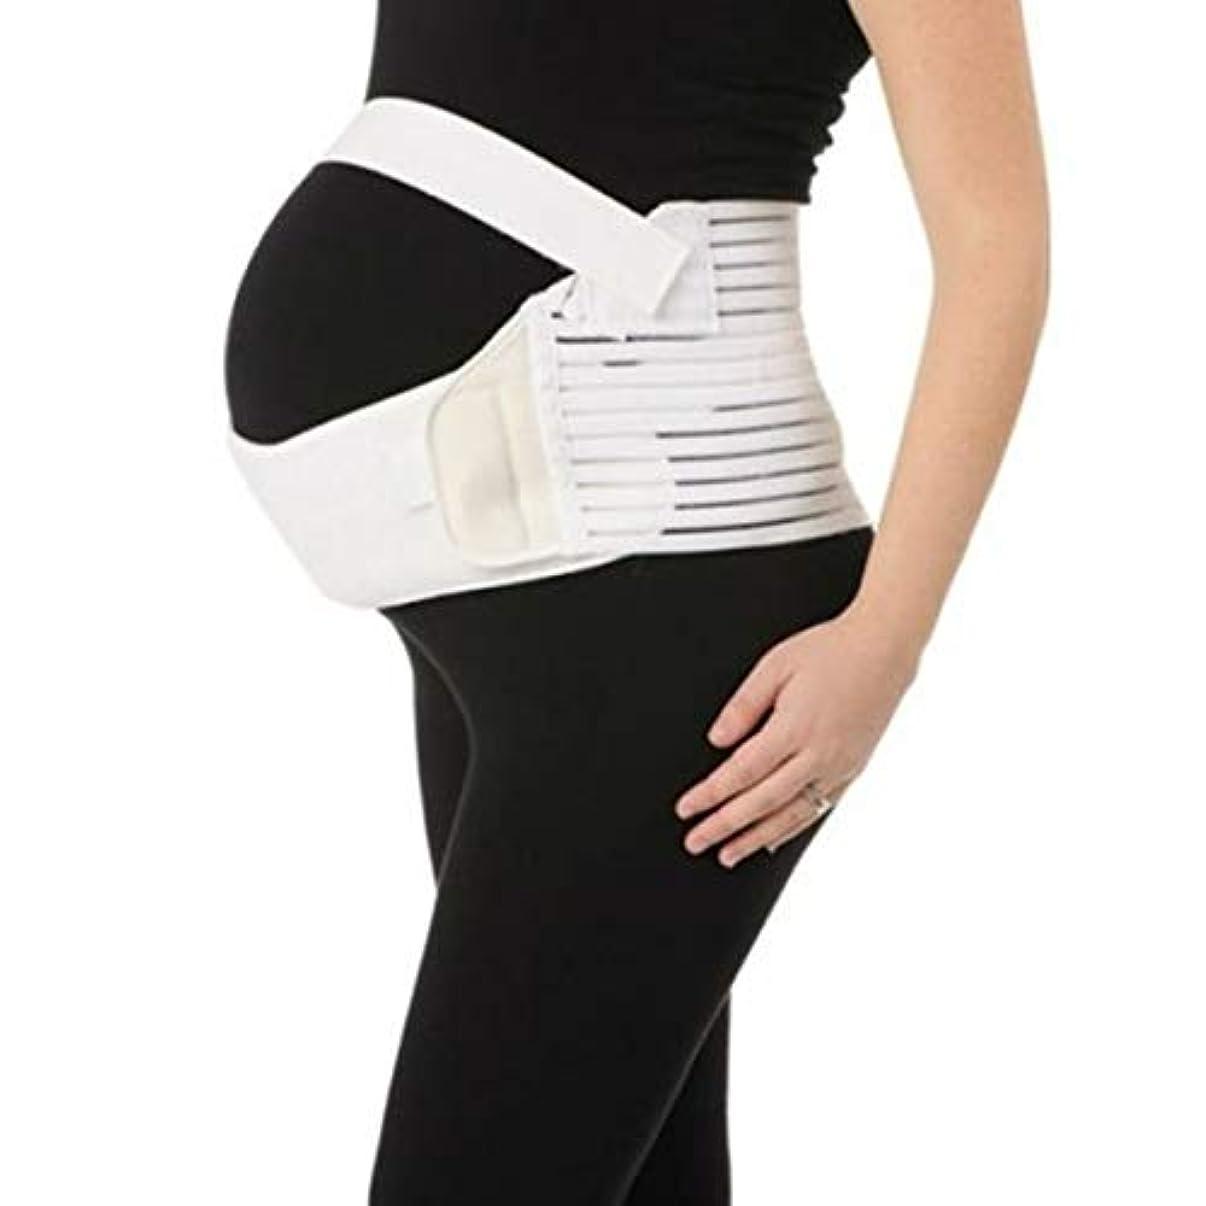 好意メイエラ誕生日通気性産科ベルト妊娠腹部サポート腹部バインダーガードル運動包帯産後の回復形状ウェア - ホワイトM